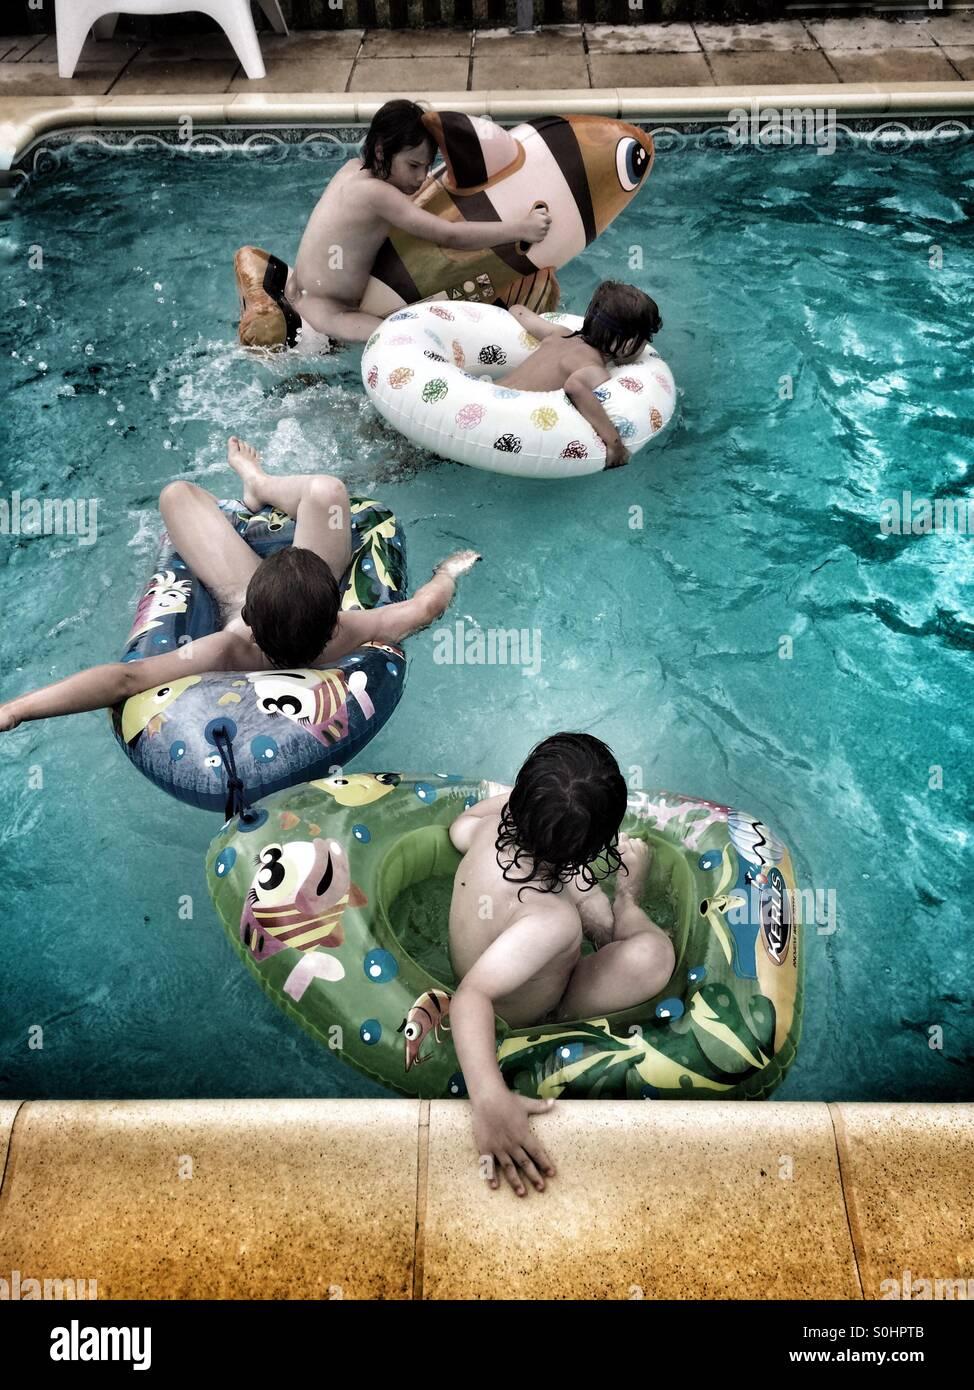 Diversión en la piscina Imagen De Stock